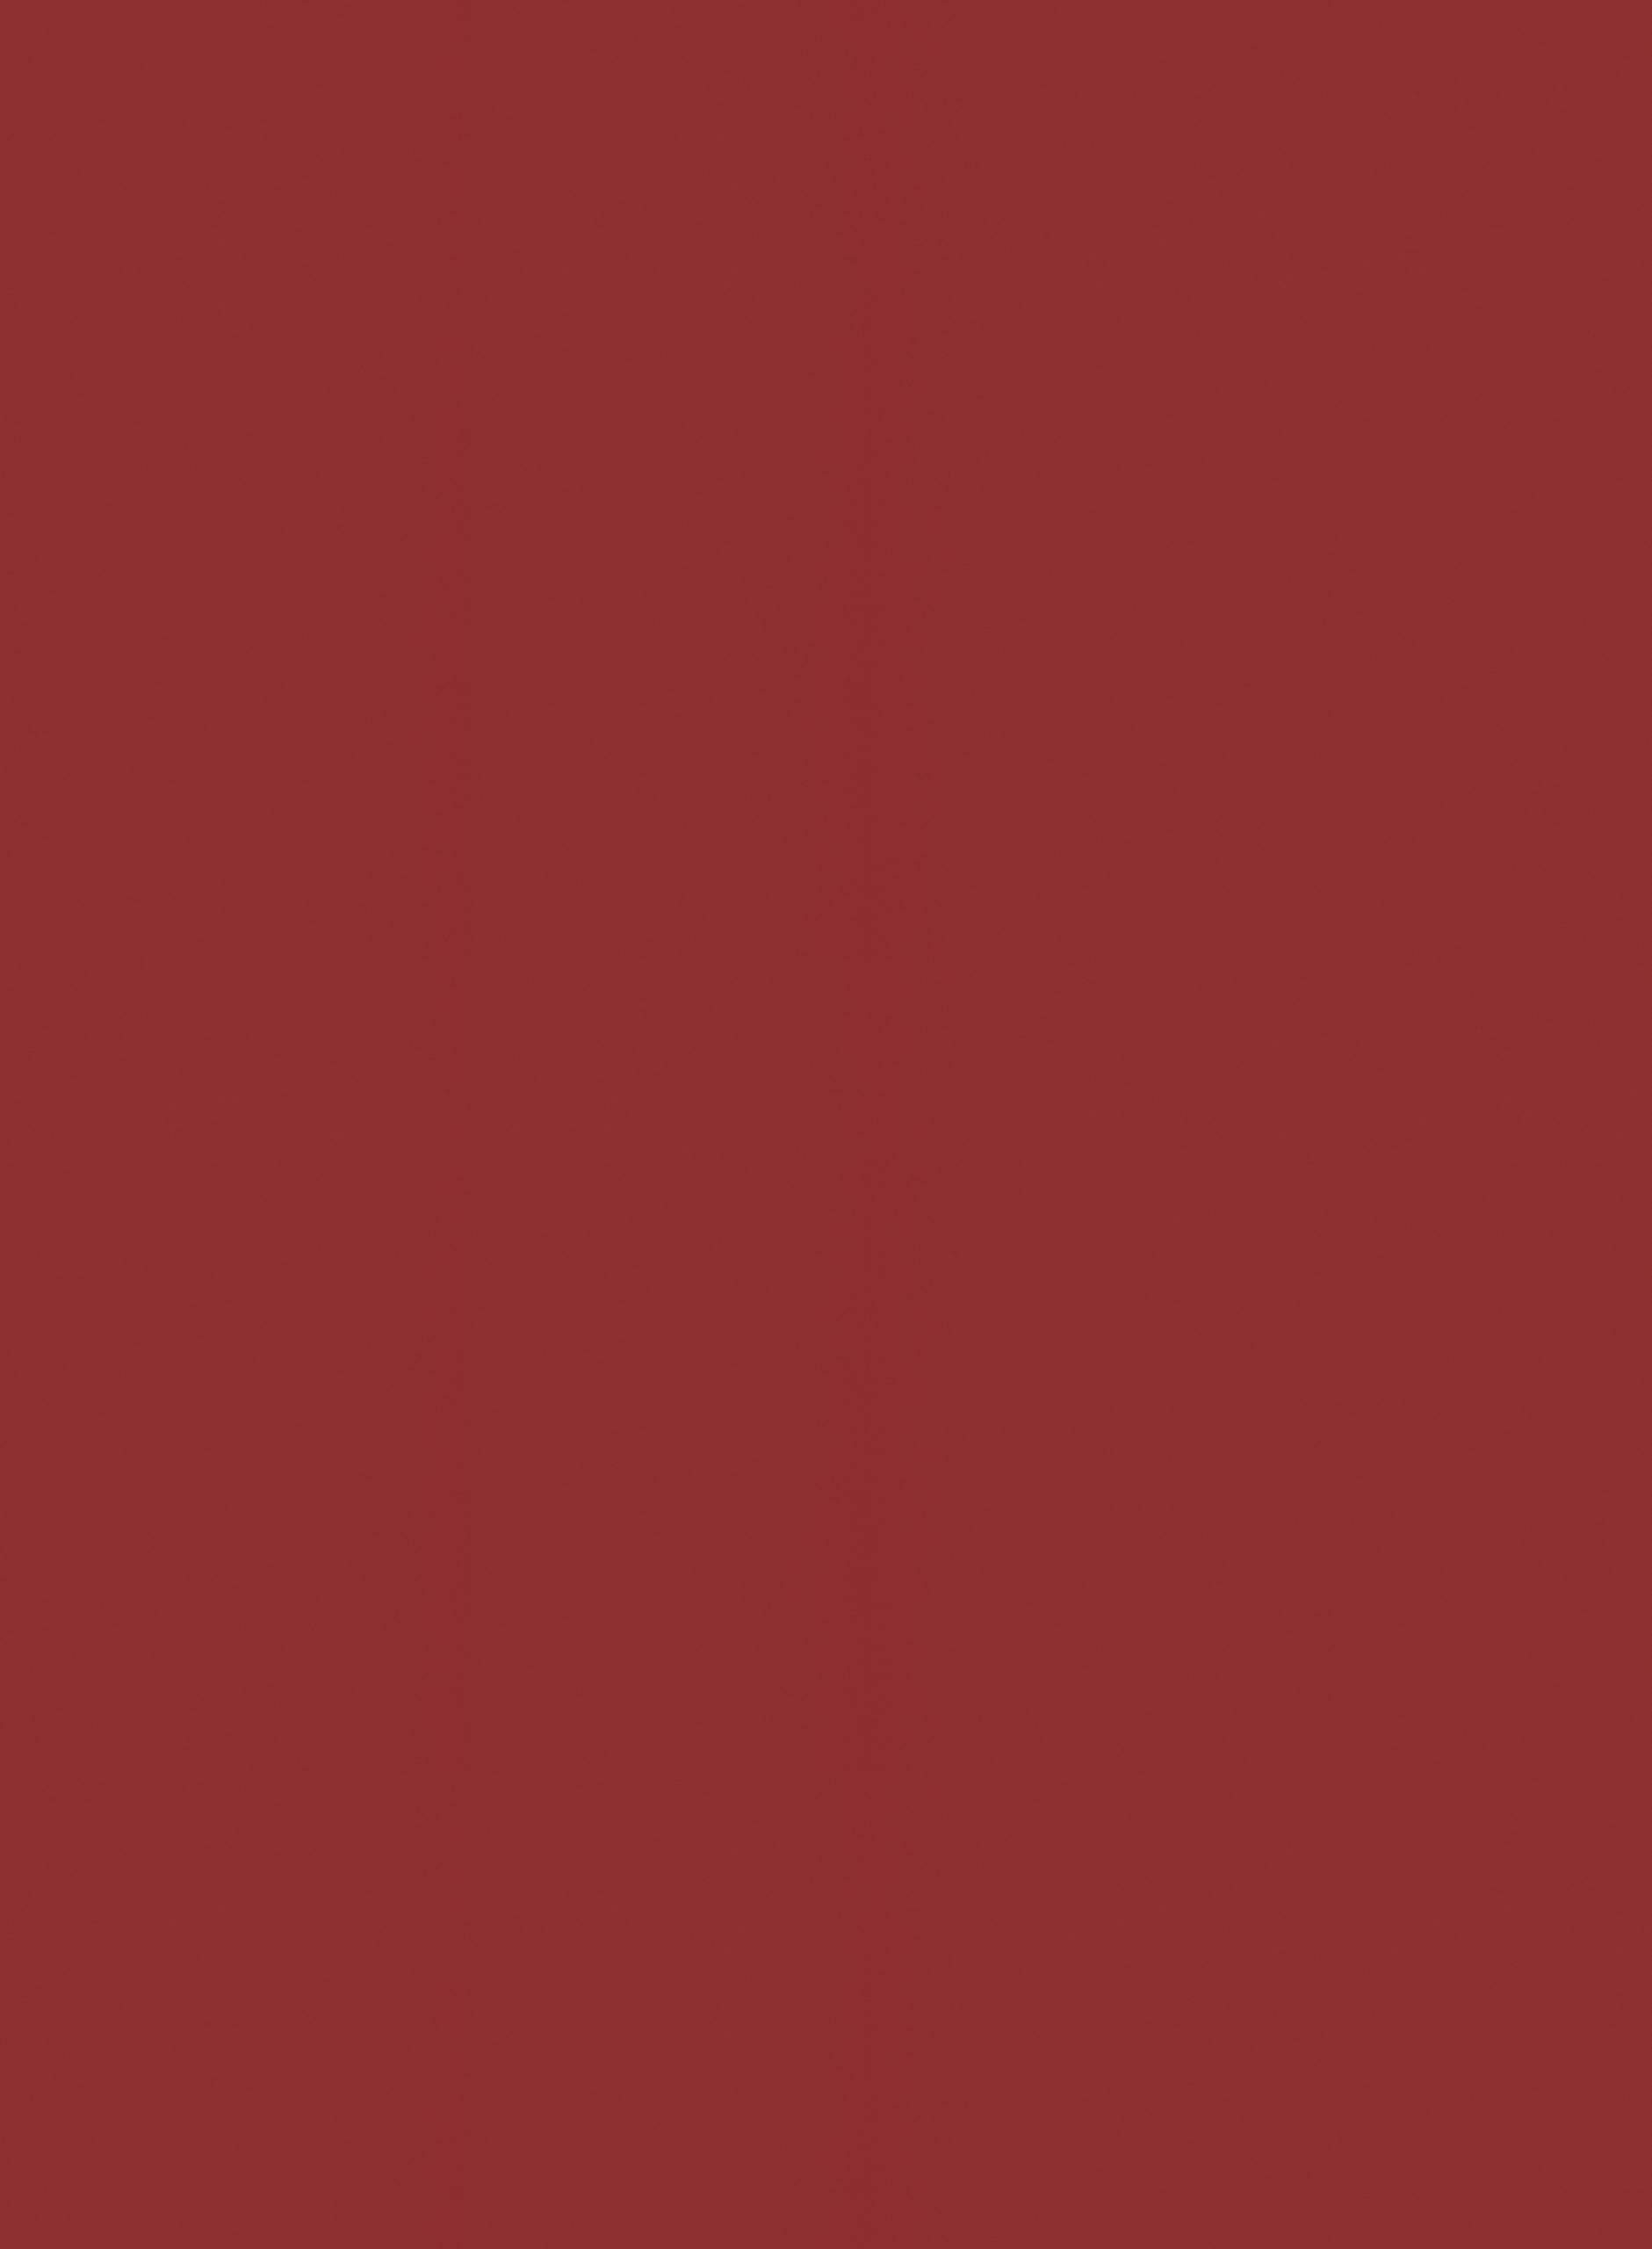 UB46 Ovatta hele plaatafbeelding 2800x2070 mm